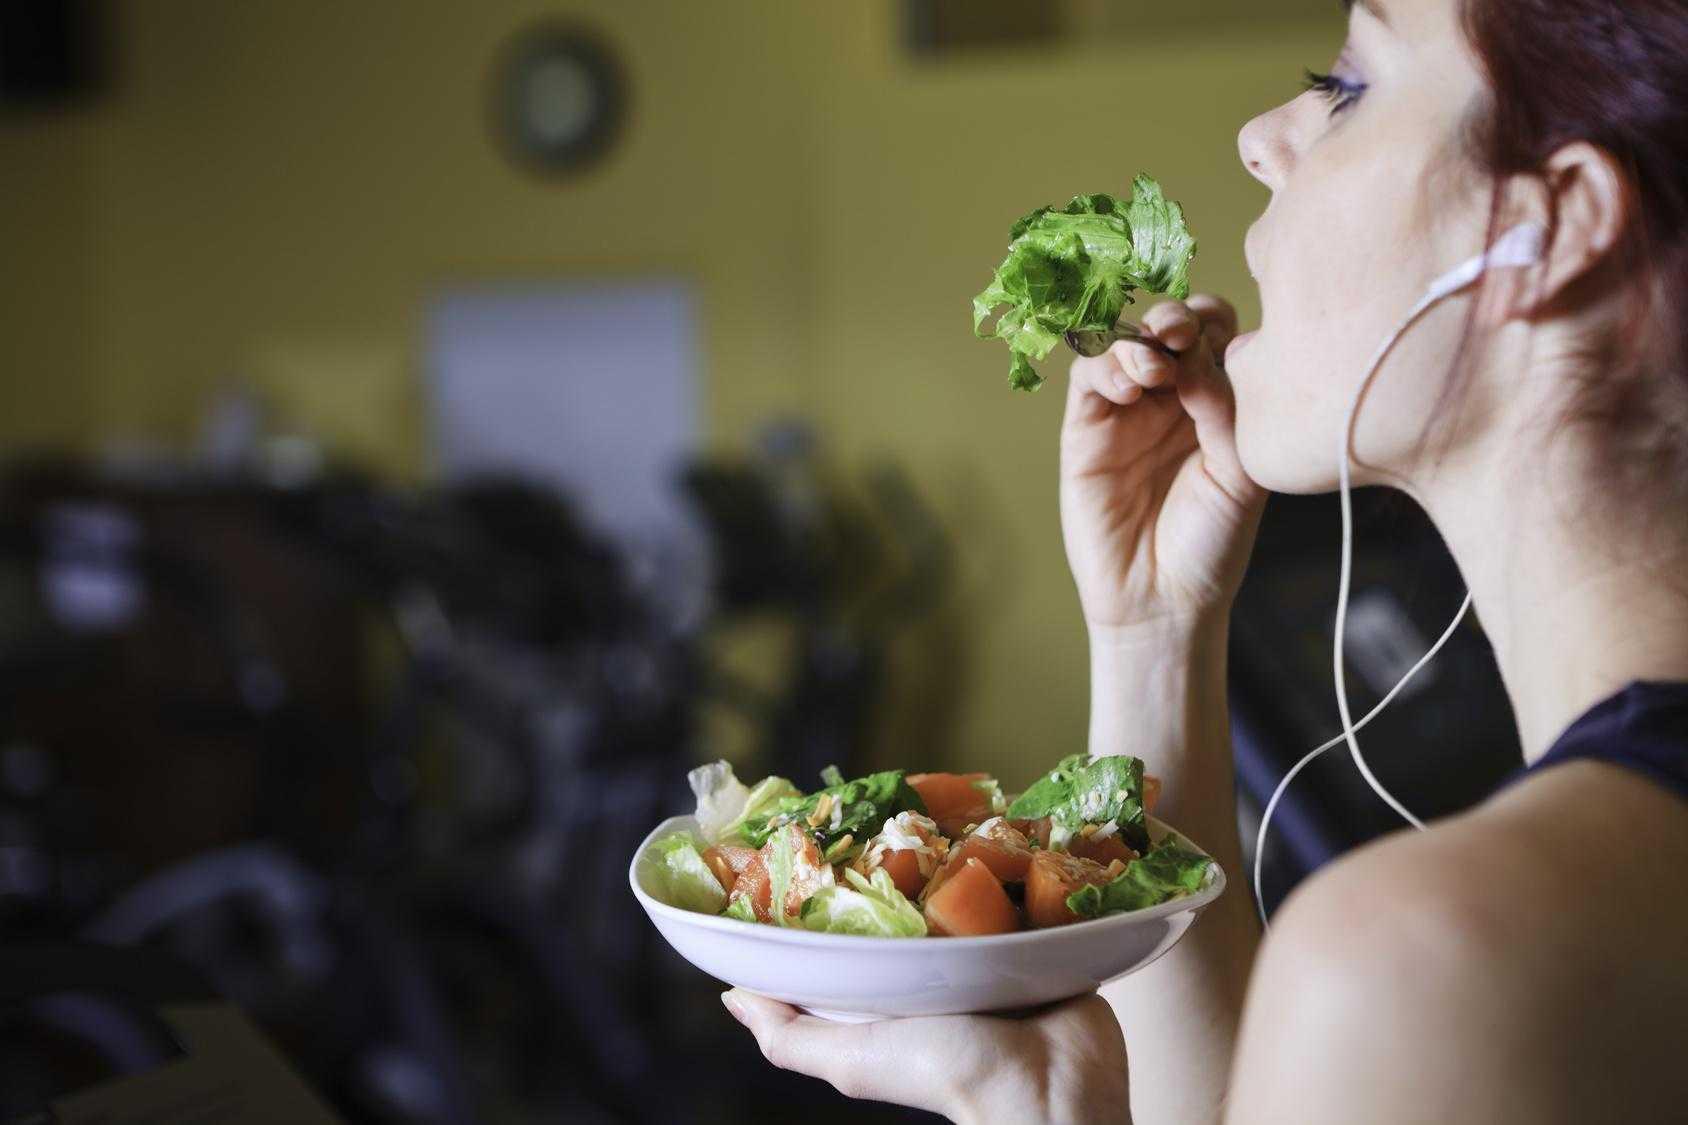 Как начать правильно питаться и не бросить - лайфхакер